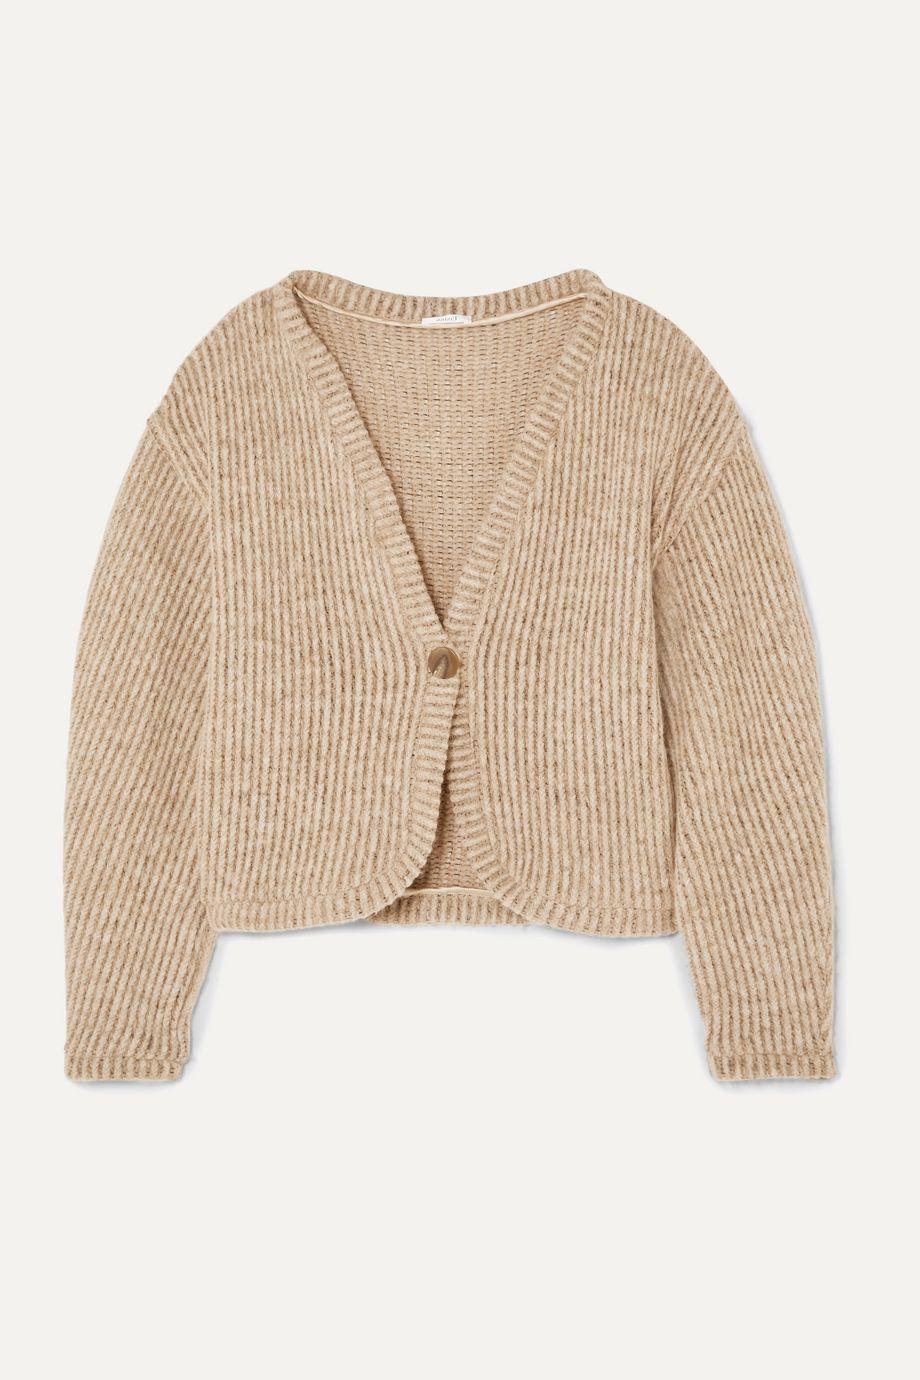 aaizél 【NET SUSTAIN】罗纹羊毛混纺开襟衫